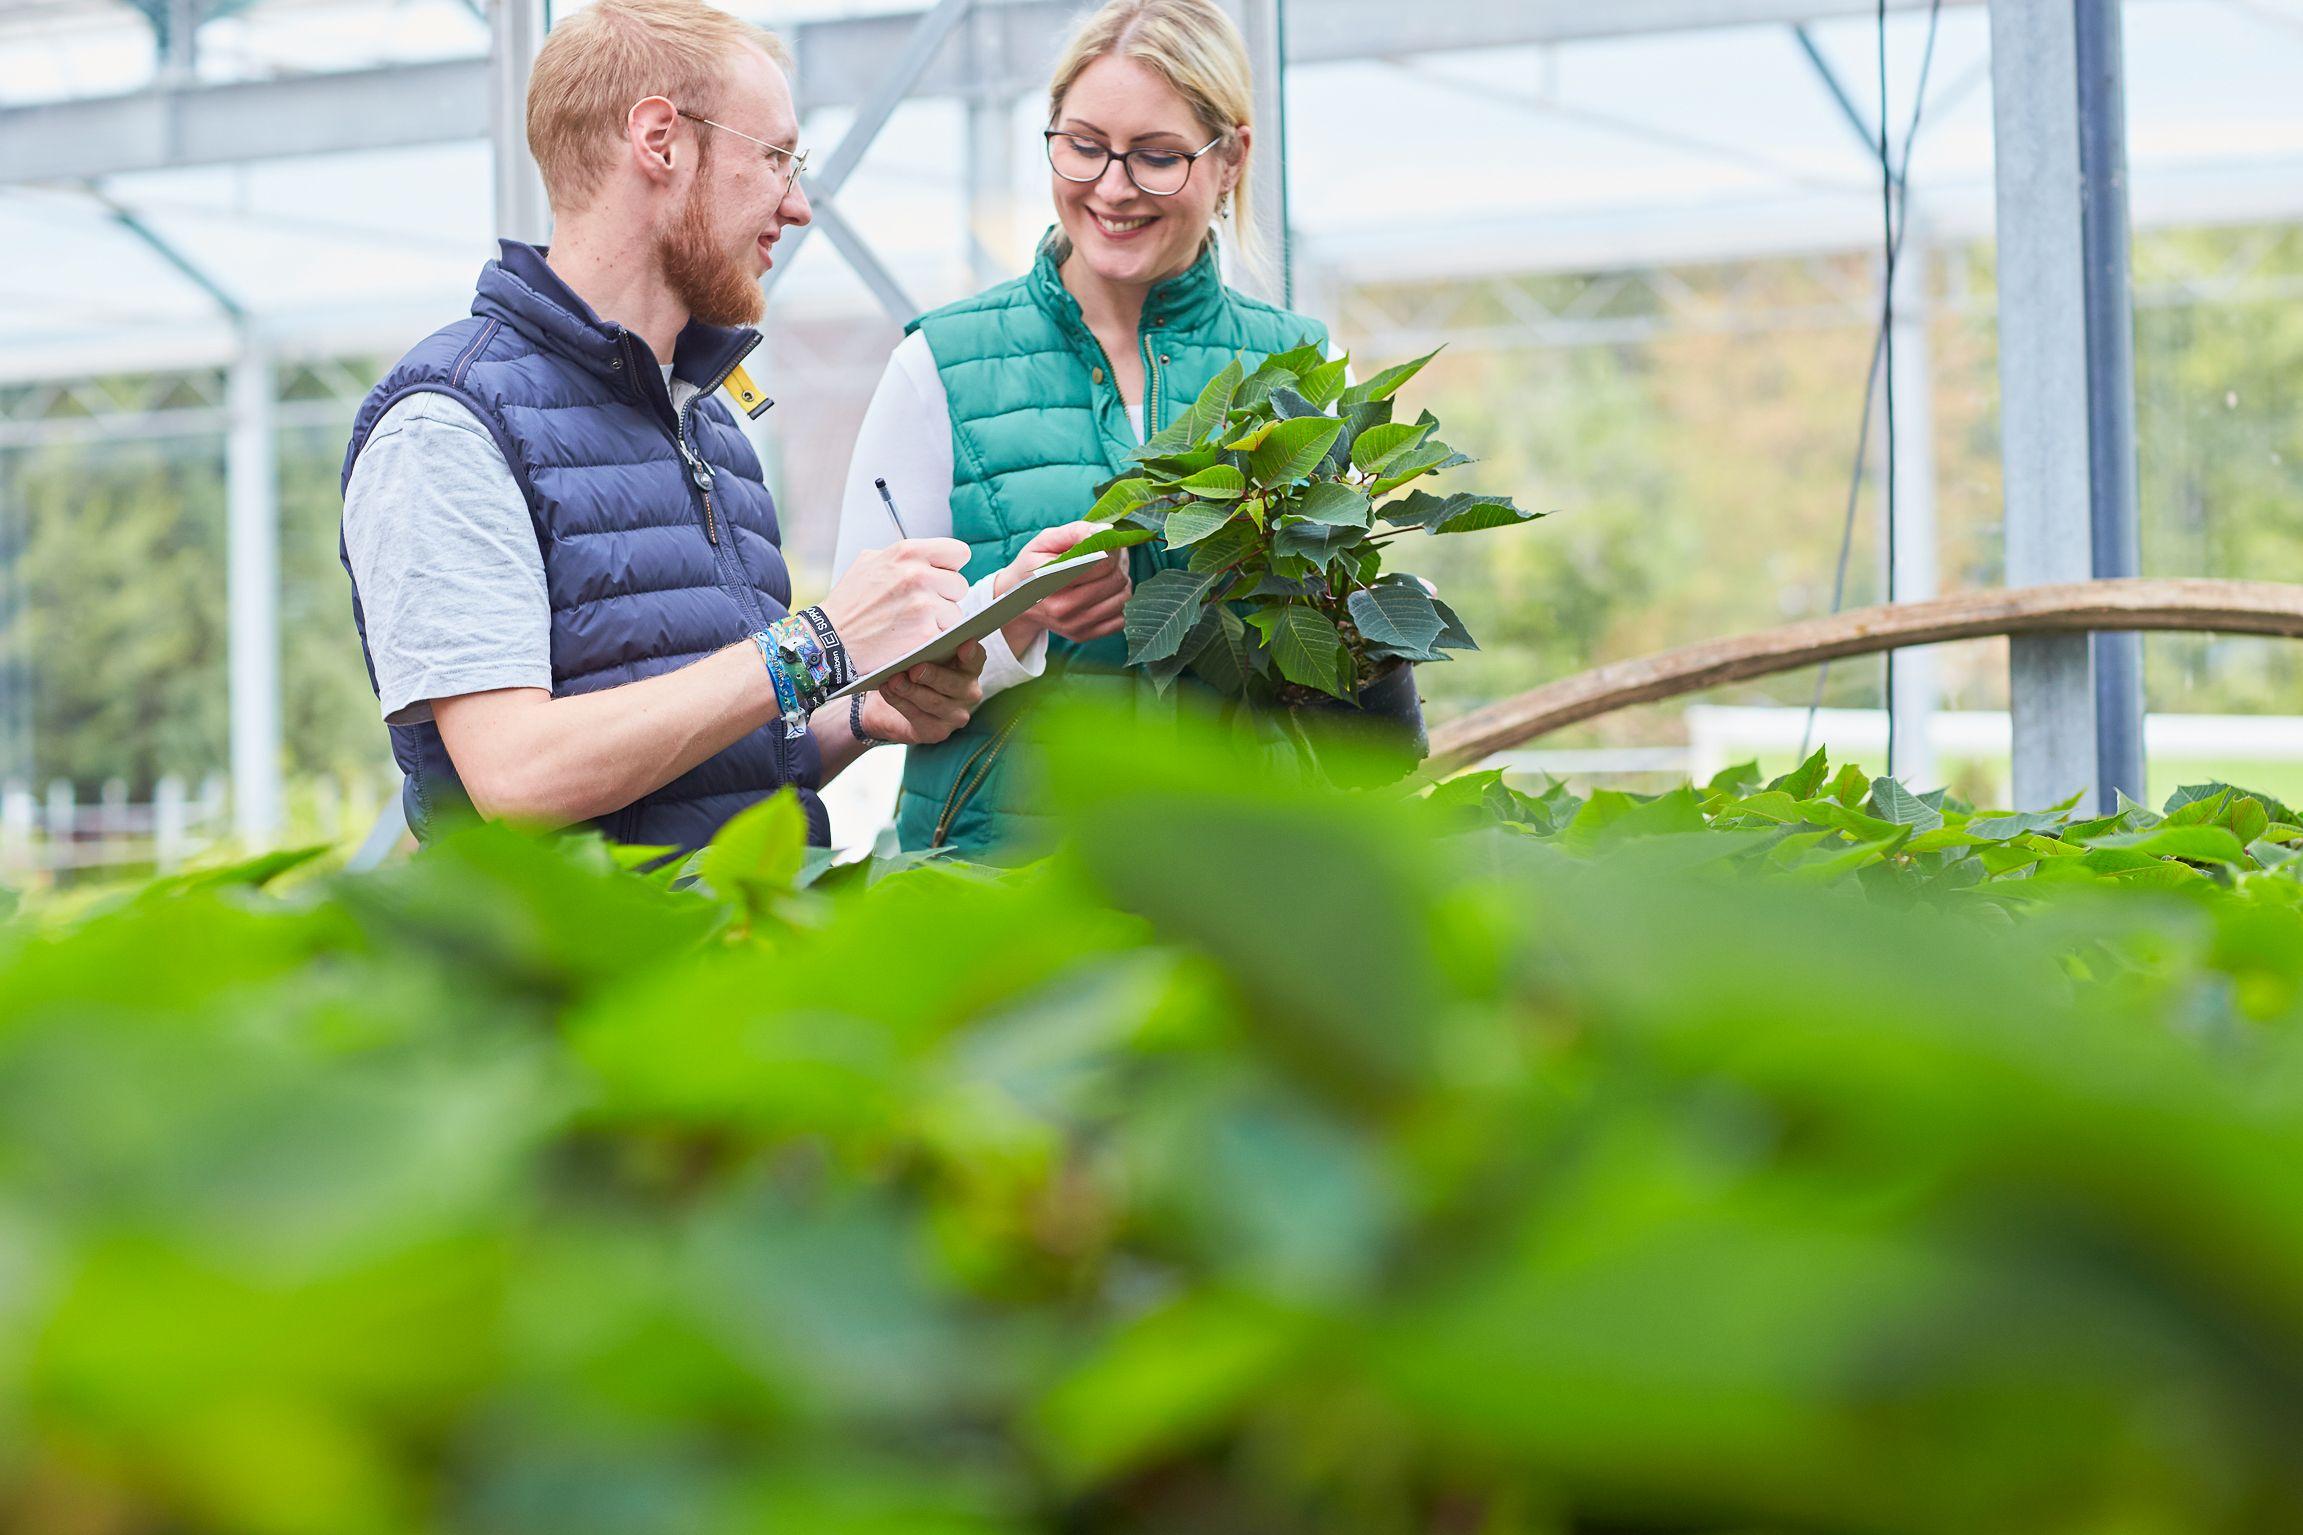 Traumberuf Gärtner*in: Der Weg zu deinem Ausbildungsplatz